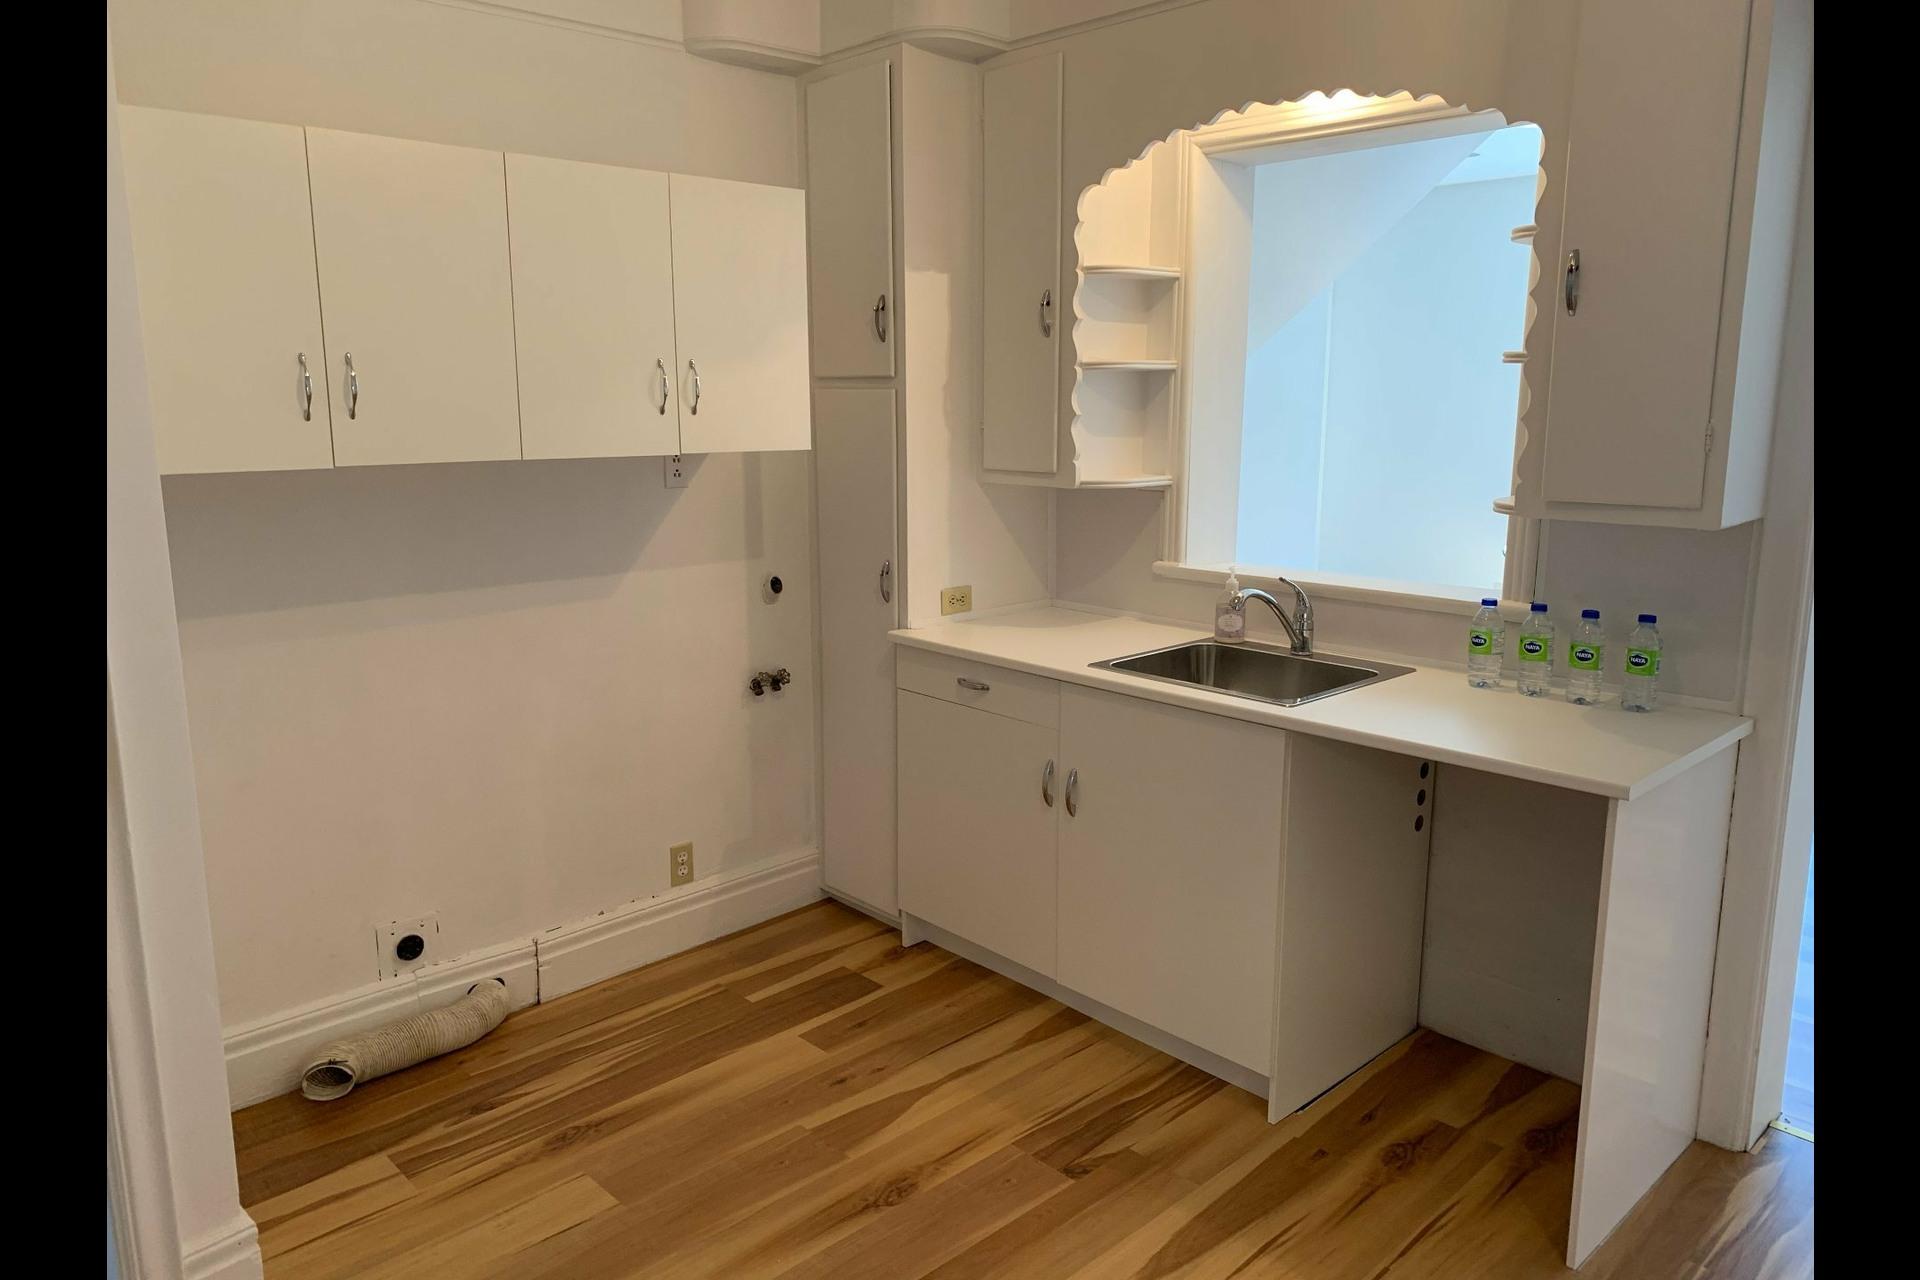 image 5 - Apartment For rent Côte-des-Neiges/Notre-Dame-de-Grâce Montréal  - 9 rooms